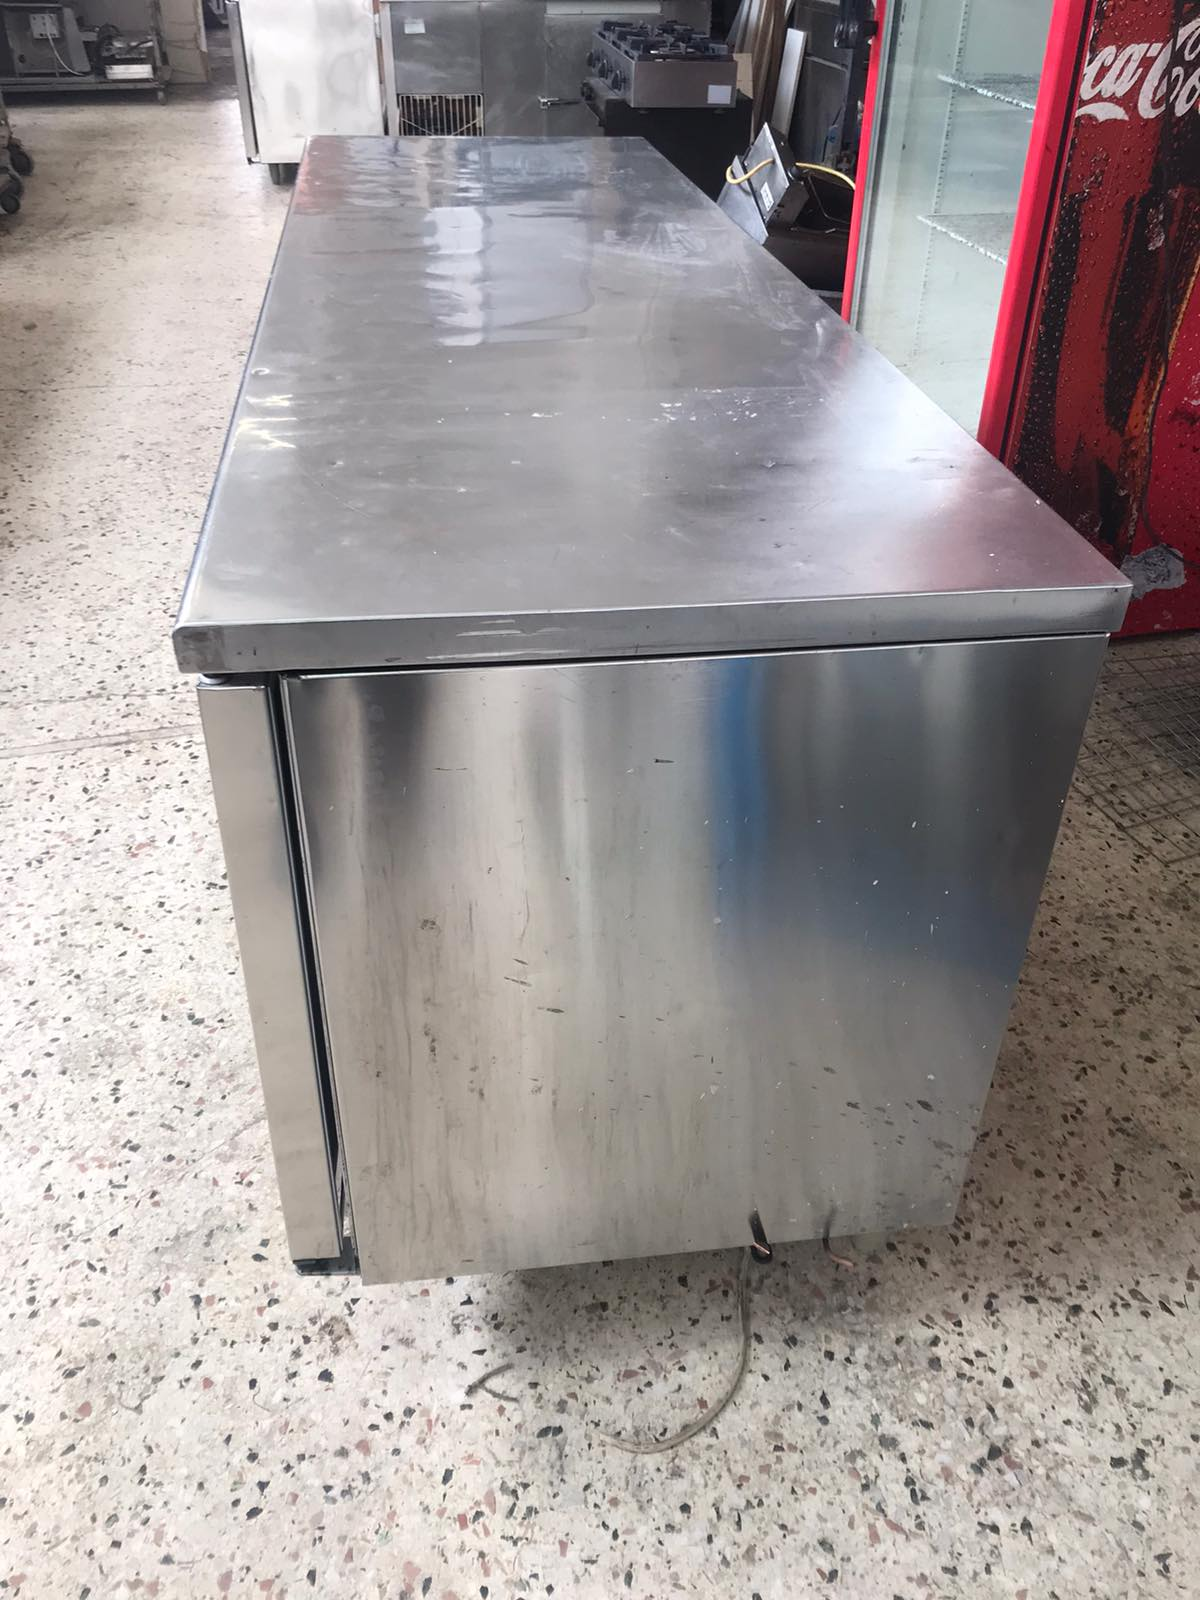 Ψυγείο πάγκος επαγγελματικό μεταχειρισμένο 220X70X85cm Ανοξείδωτο Χωρίς μηχανή